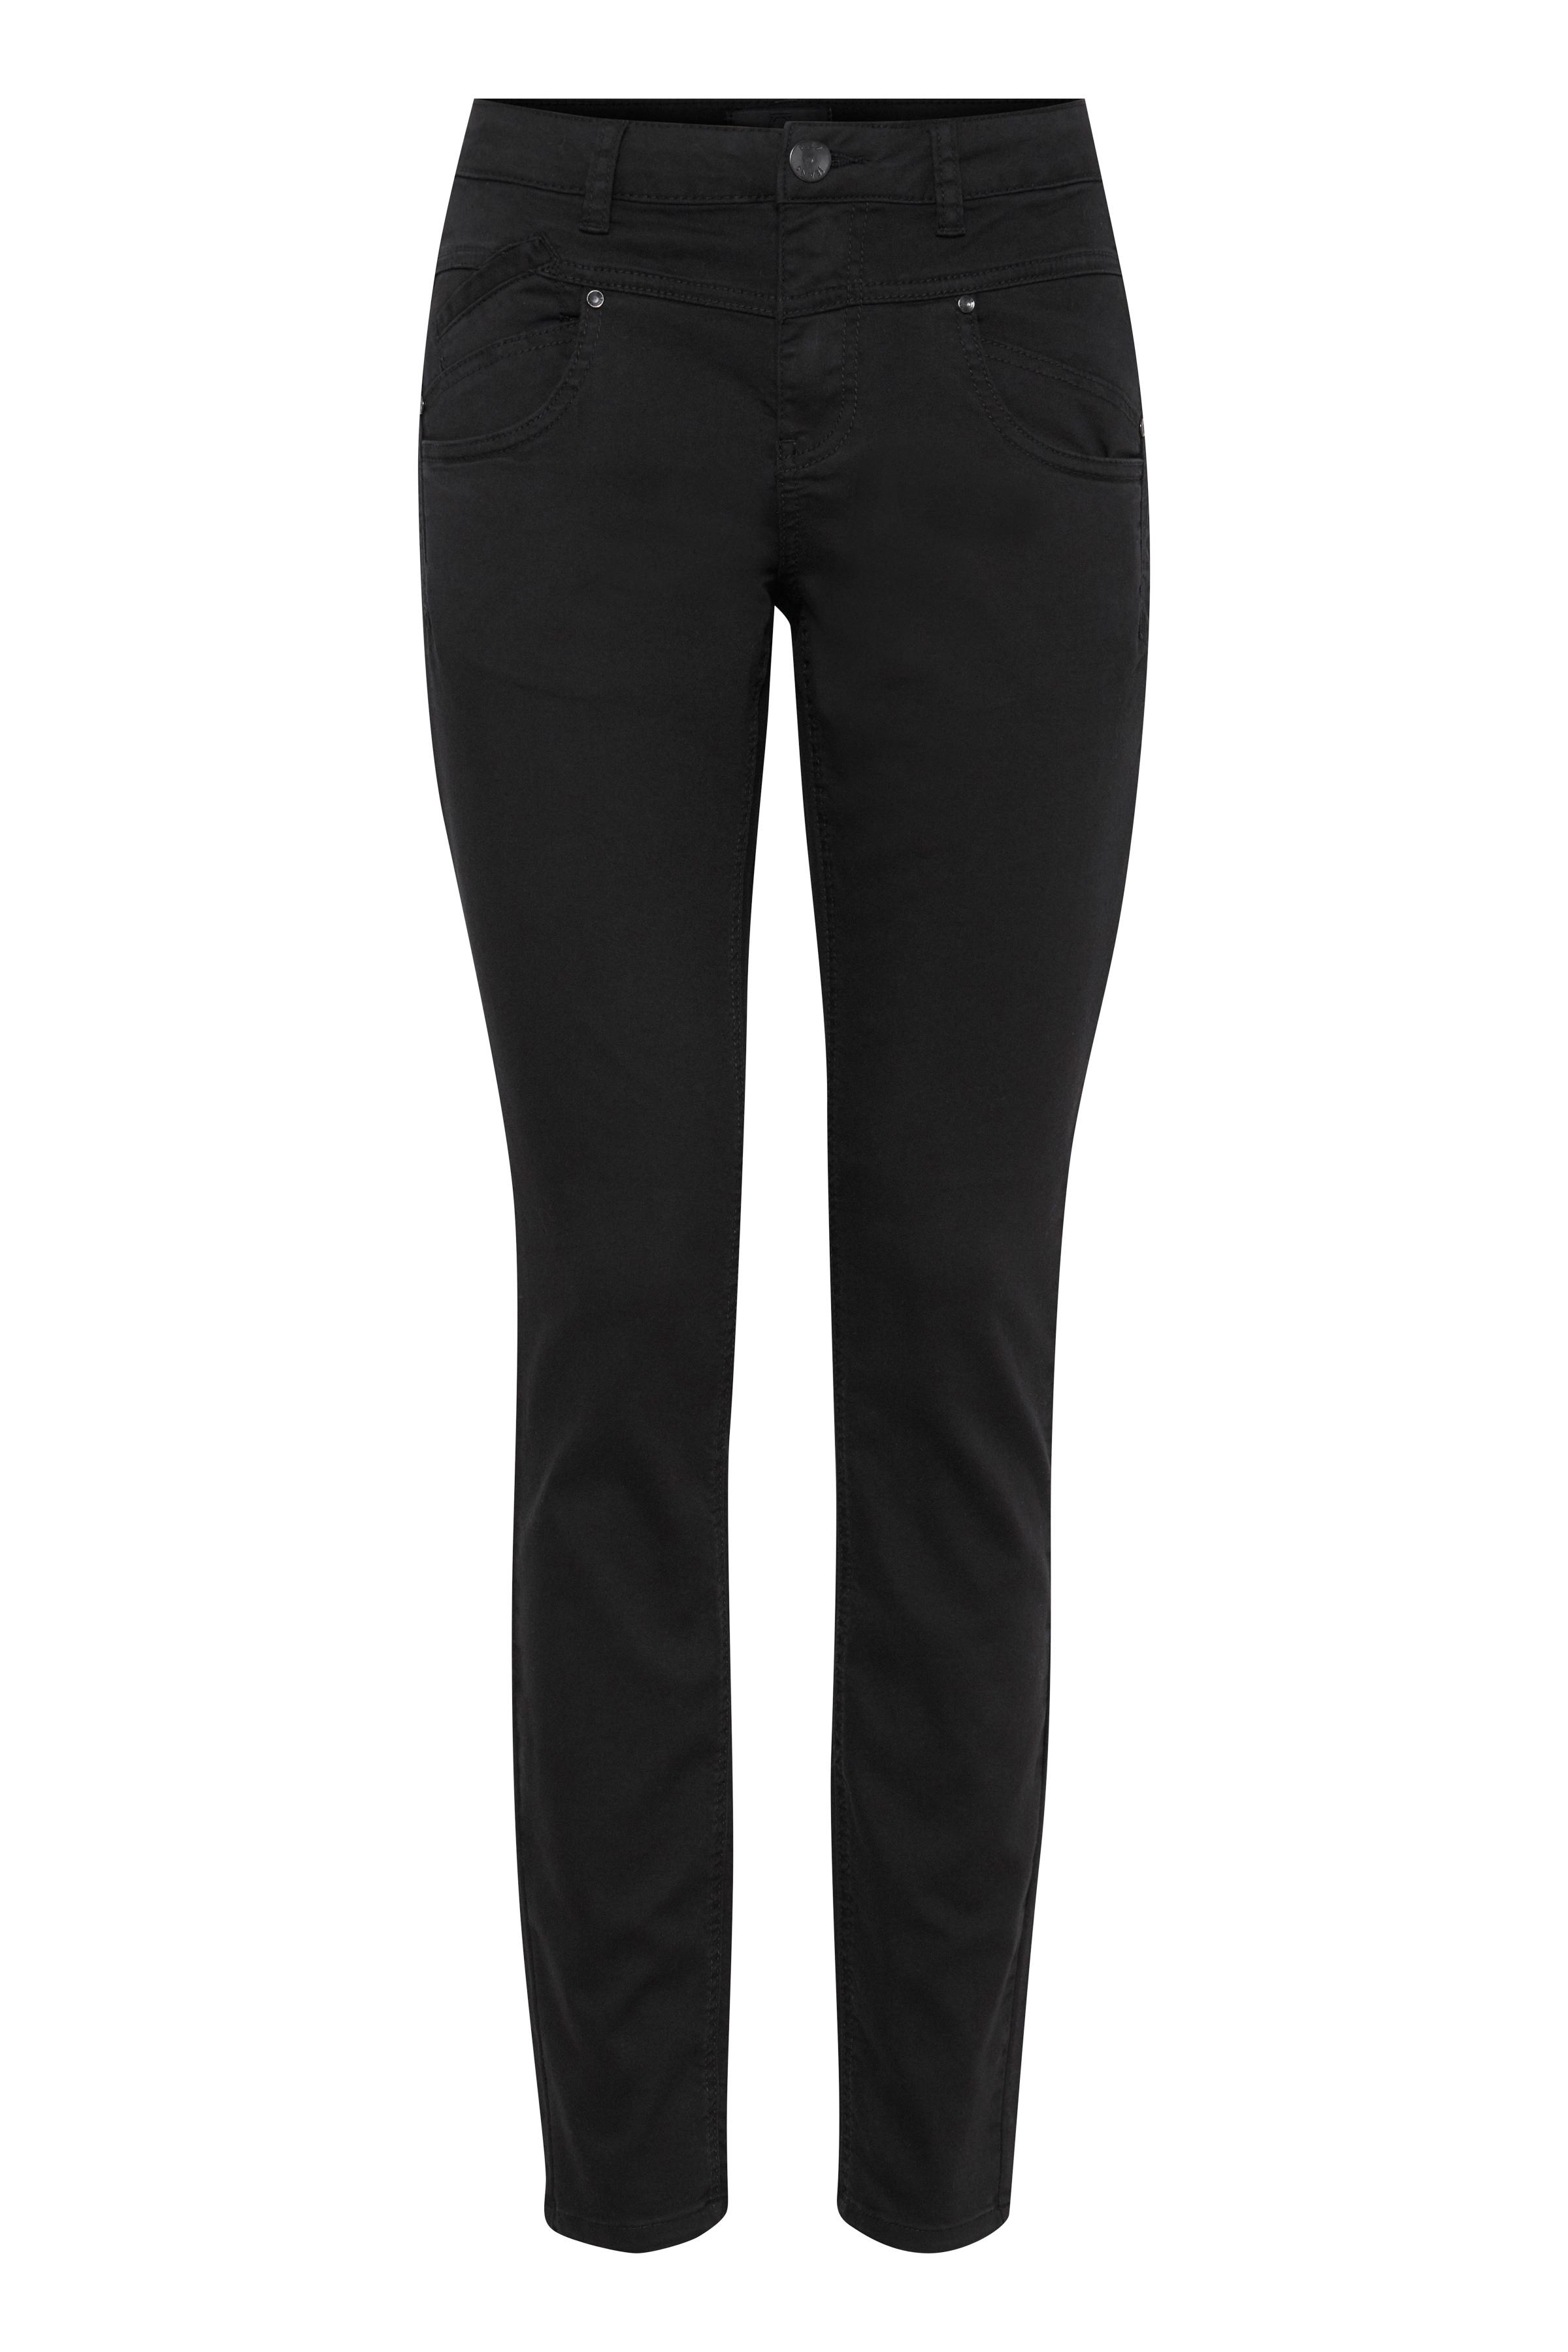 Image of Pulz Jeans Dame 5-lommet jeans - Sort